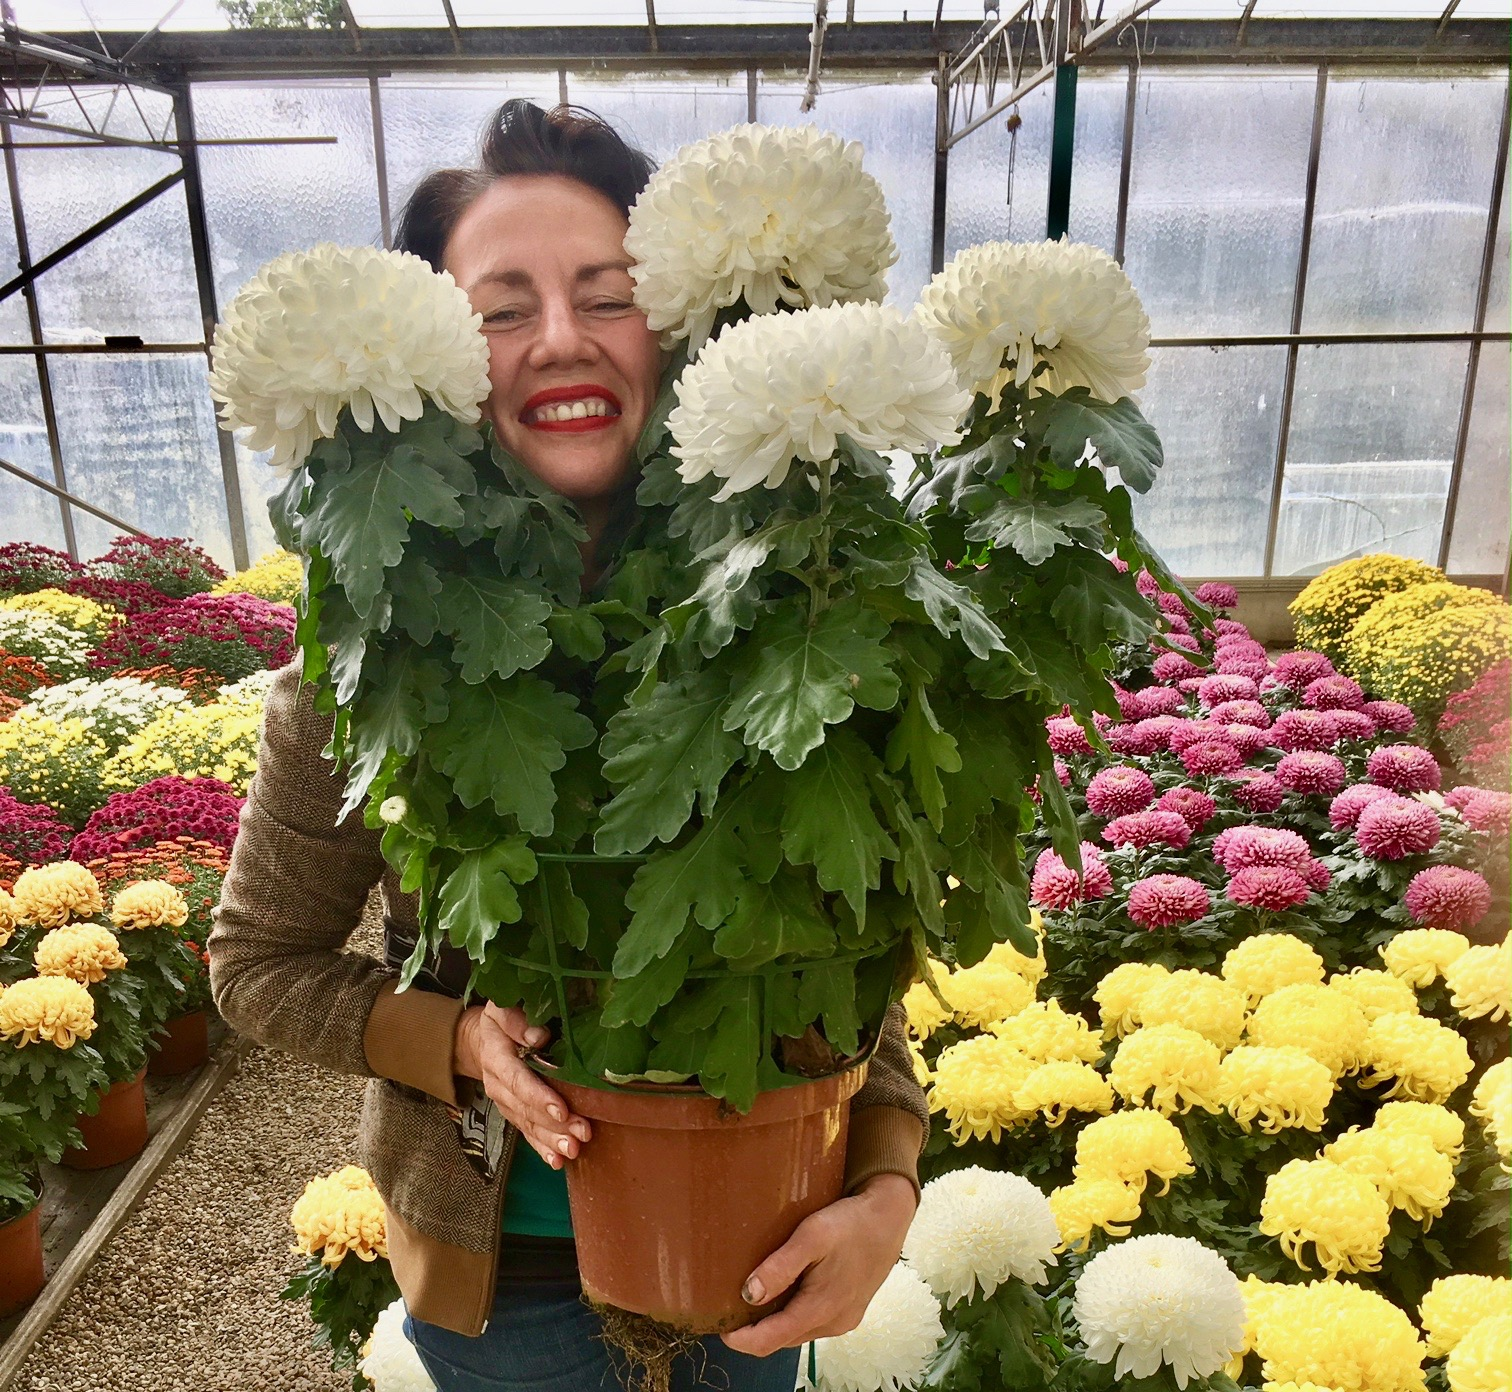 Magasin d horticulture bourran fleurs l gumes frais for Magasin de plantes